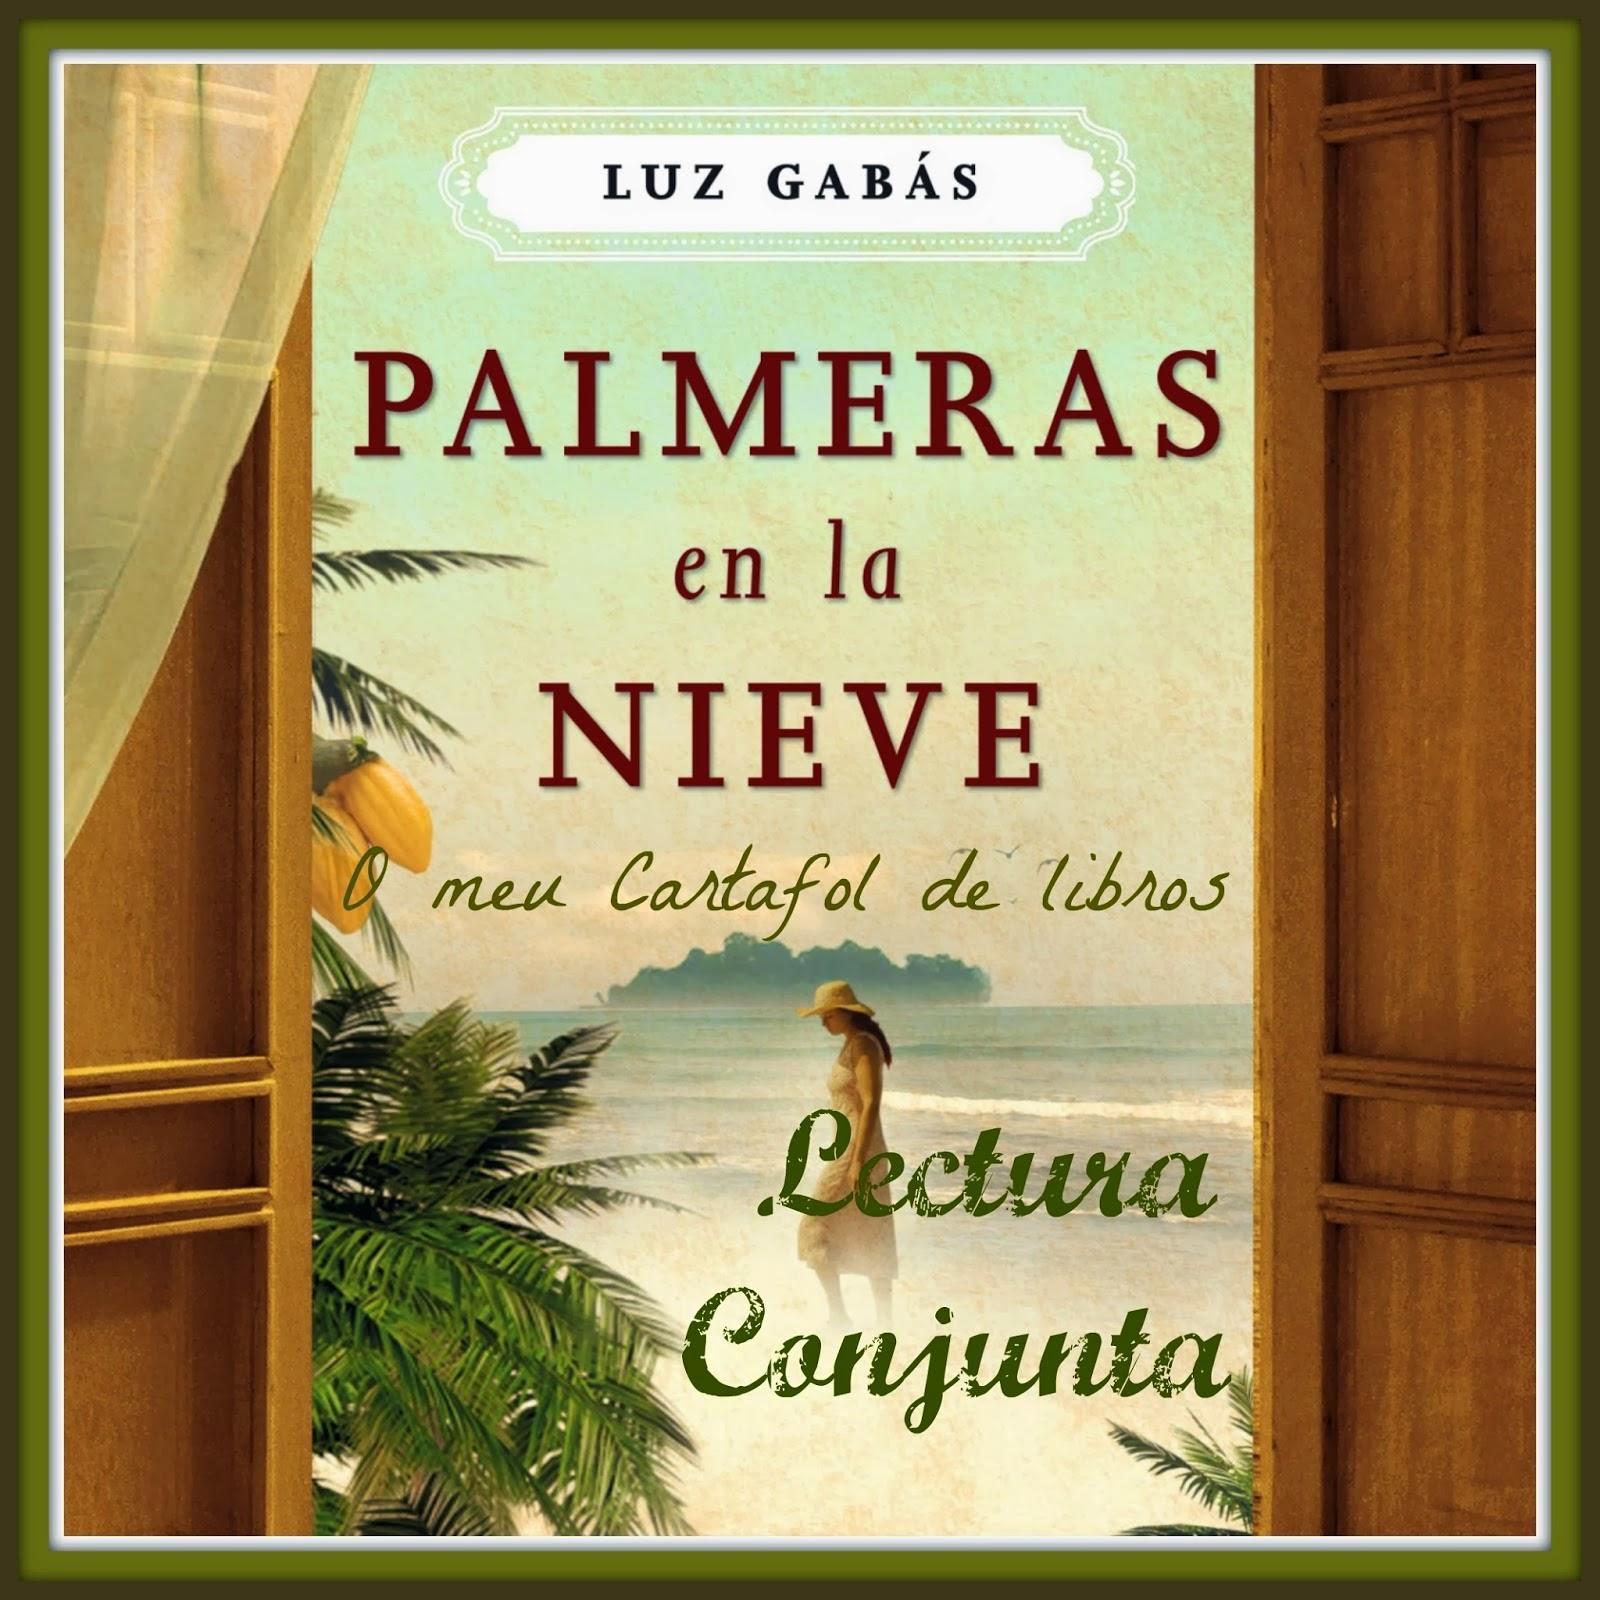 http://estantesllenos.blogspot.com.es/2014/03/lectura-conjunta-palmeras-en-la-nieve.html